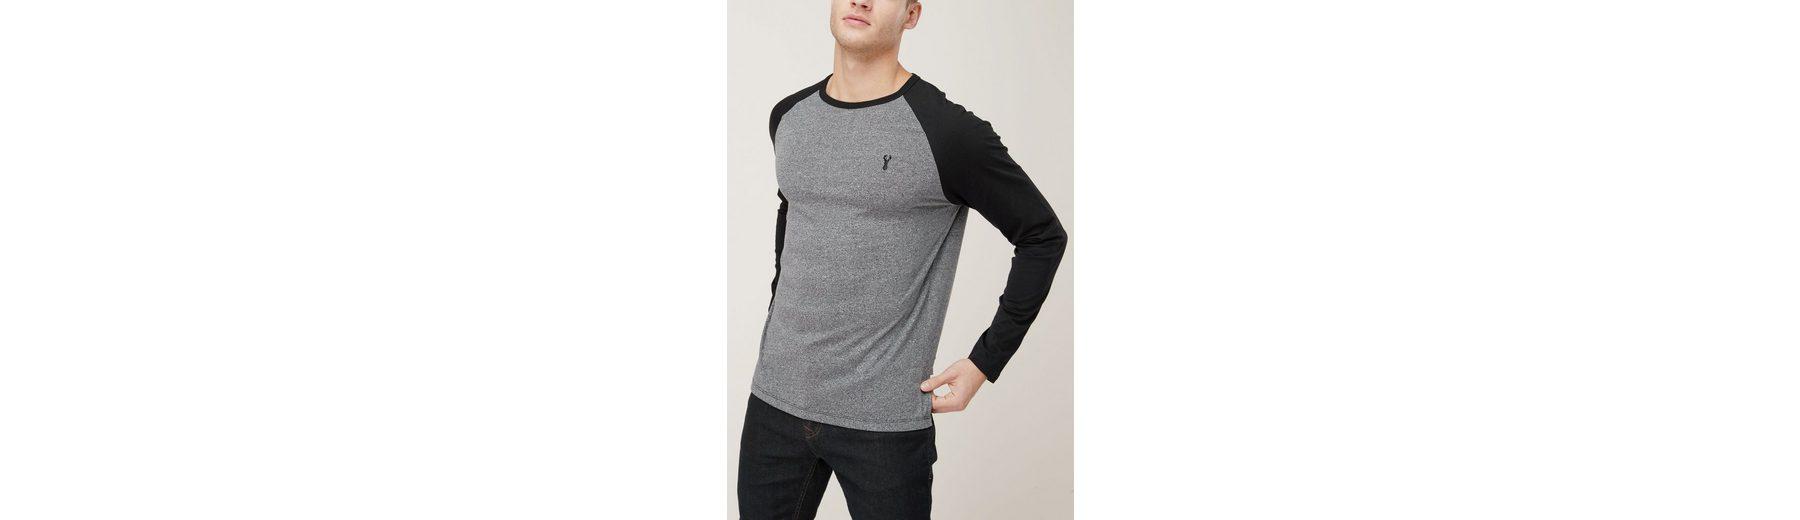 Next Shirt mit langen Raglanärmeln und Stickerei Nicekicks Online Offizielle Online Schnelle Lieferung Zu Verkaufen qldR9EL